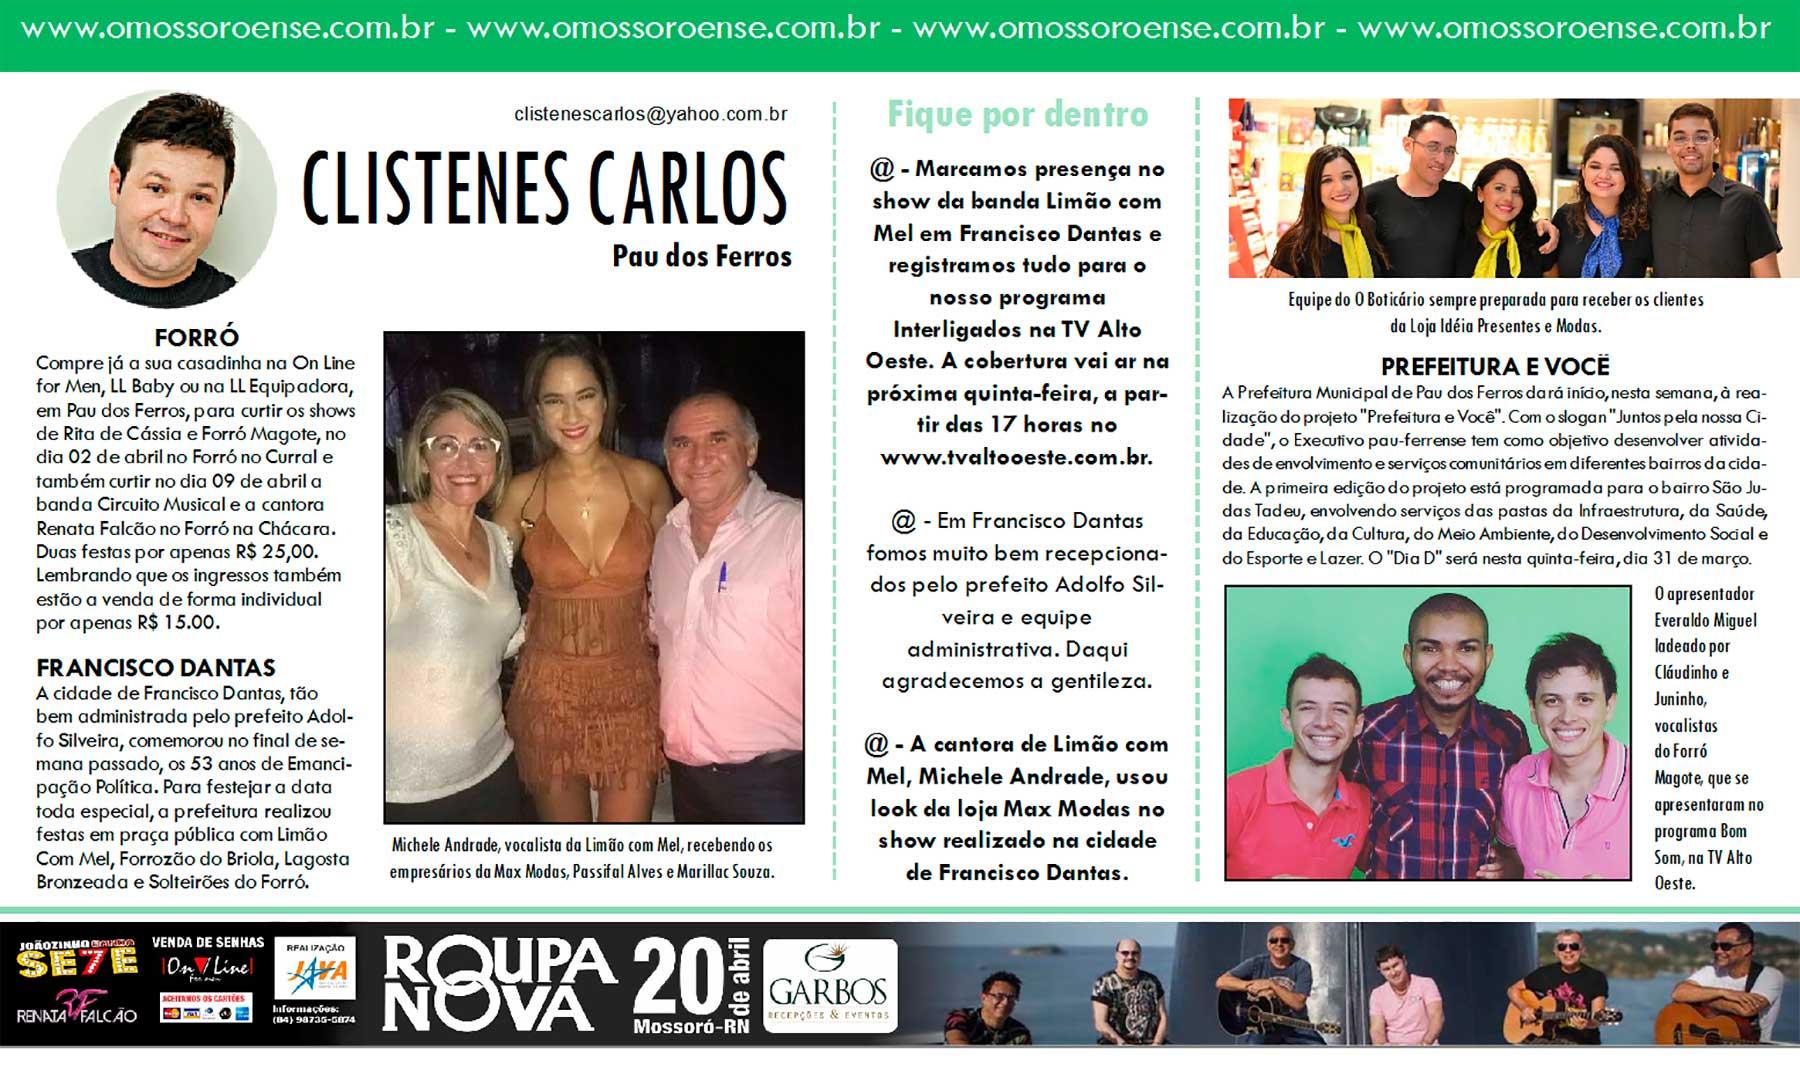 CLISTENES-CARLOS-30-03-2016